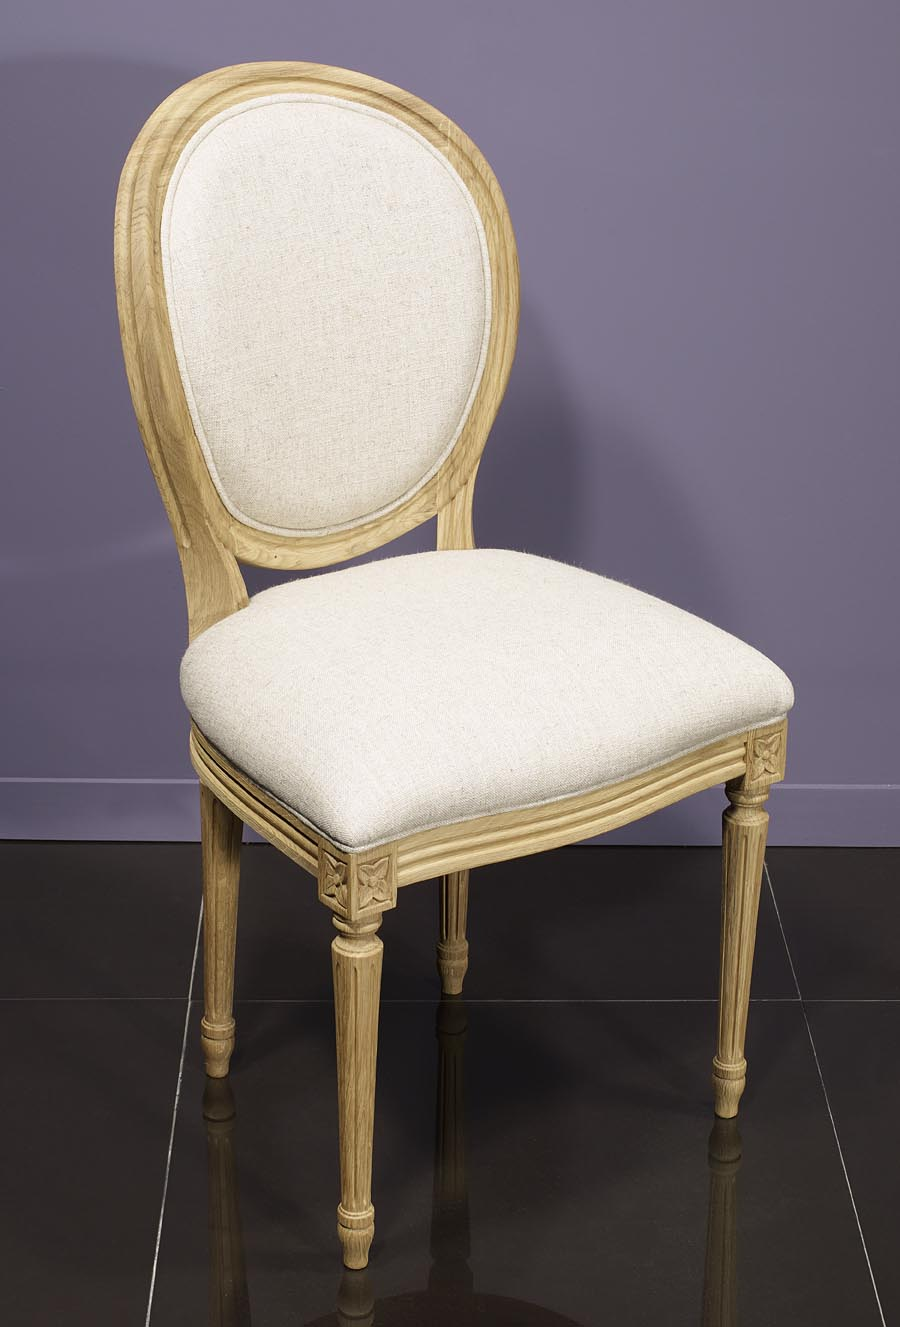 Chaise simon en ch ne massif de style louis xvi finition - Chaise style louis xvi pas cher ...